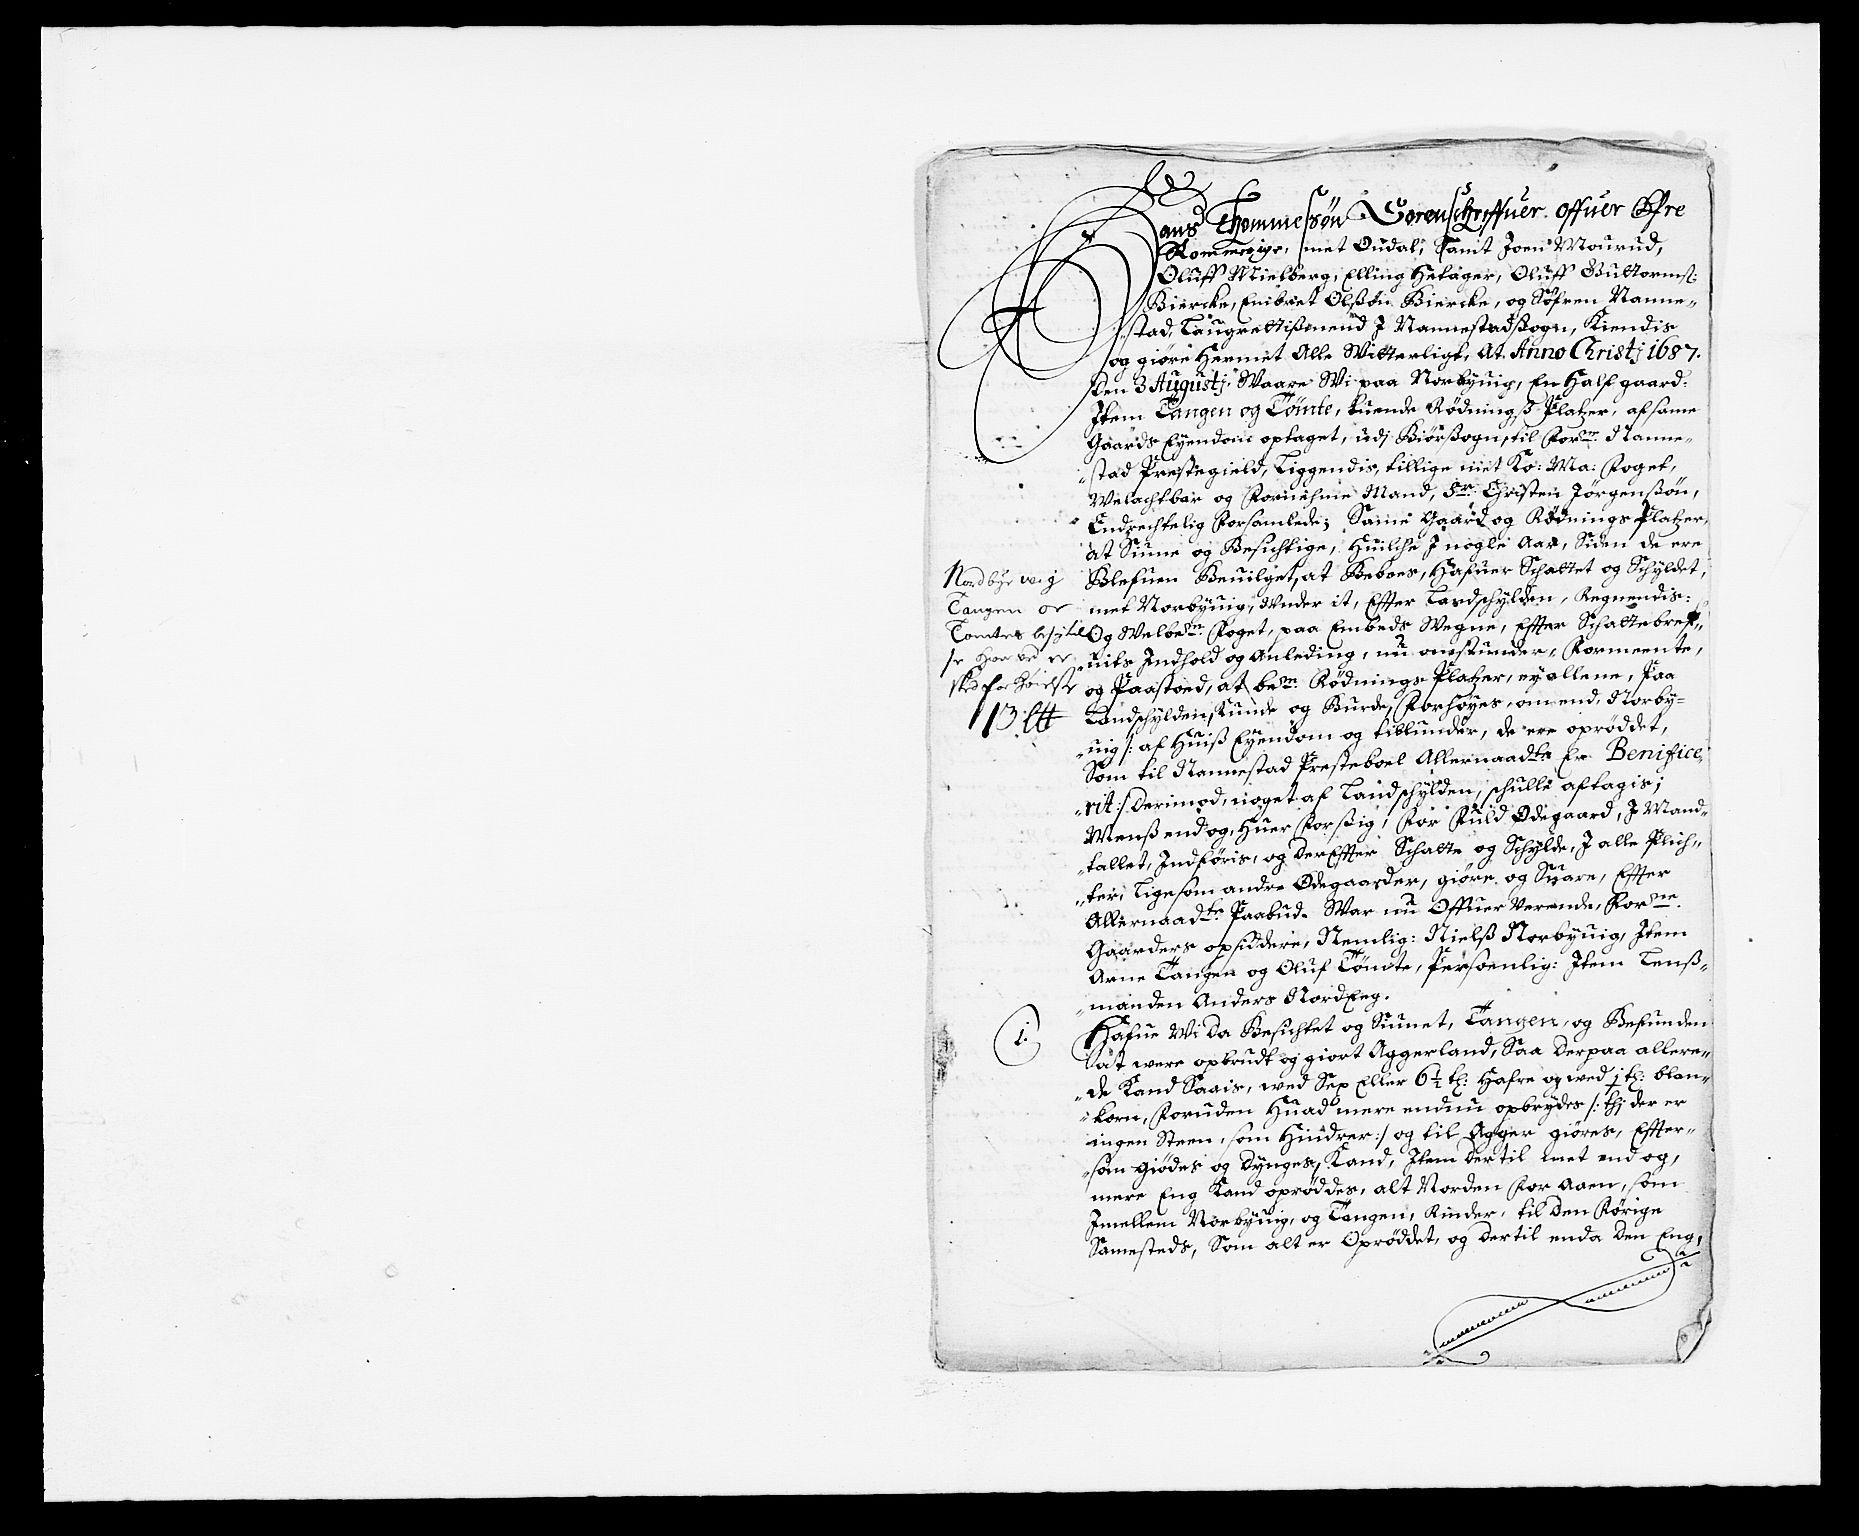 RA, Rentekammeret inntil 1814, Reviderte regnskaper, Fogderegnskap, R12/L0700: Fogderegnskap Øvre Romerike, 1687-1688, s. 126